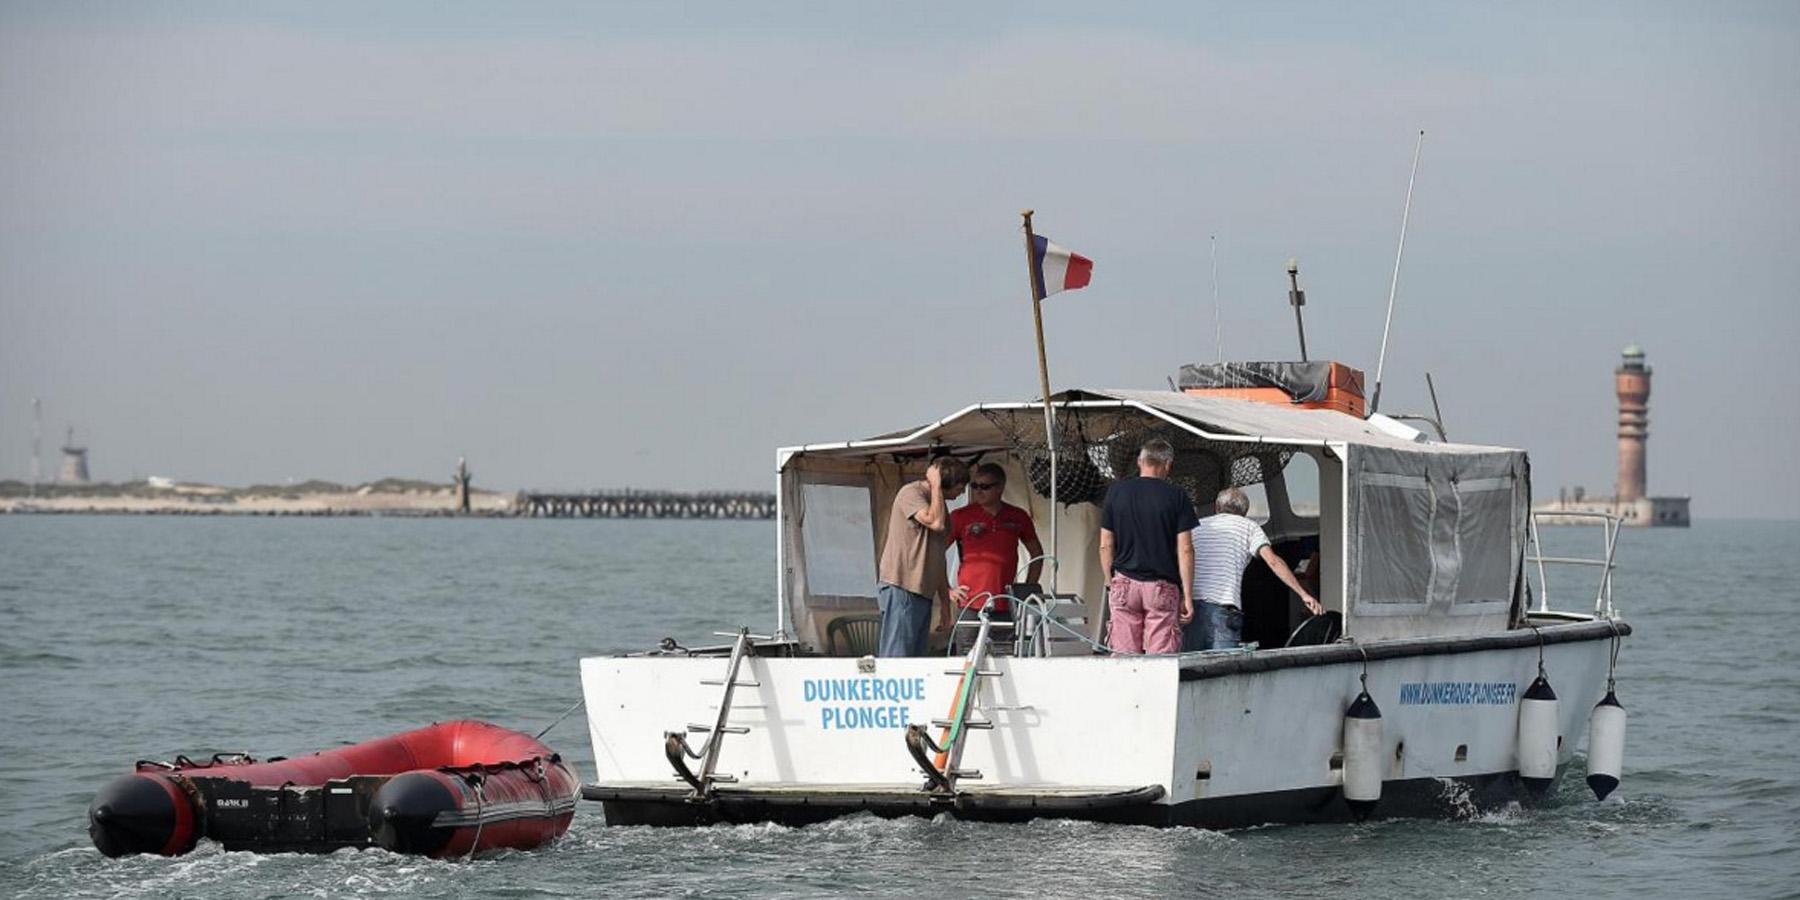 Photo M Demeure Voix du Nord - Prospections archéologiques à Dunkerque : à la reconquête du passé